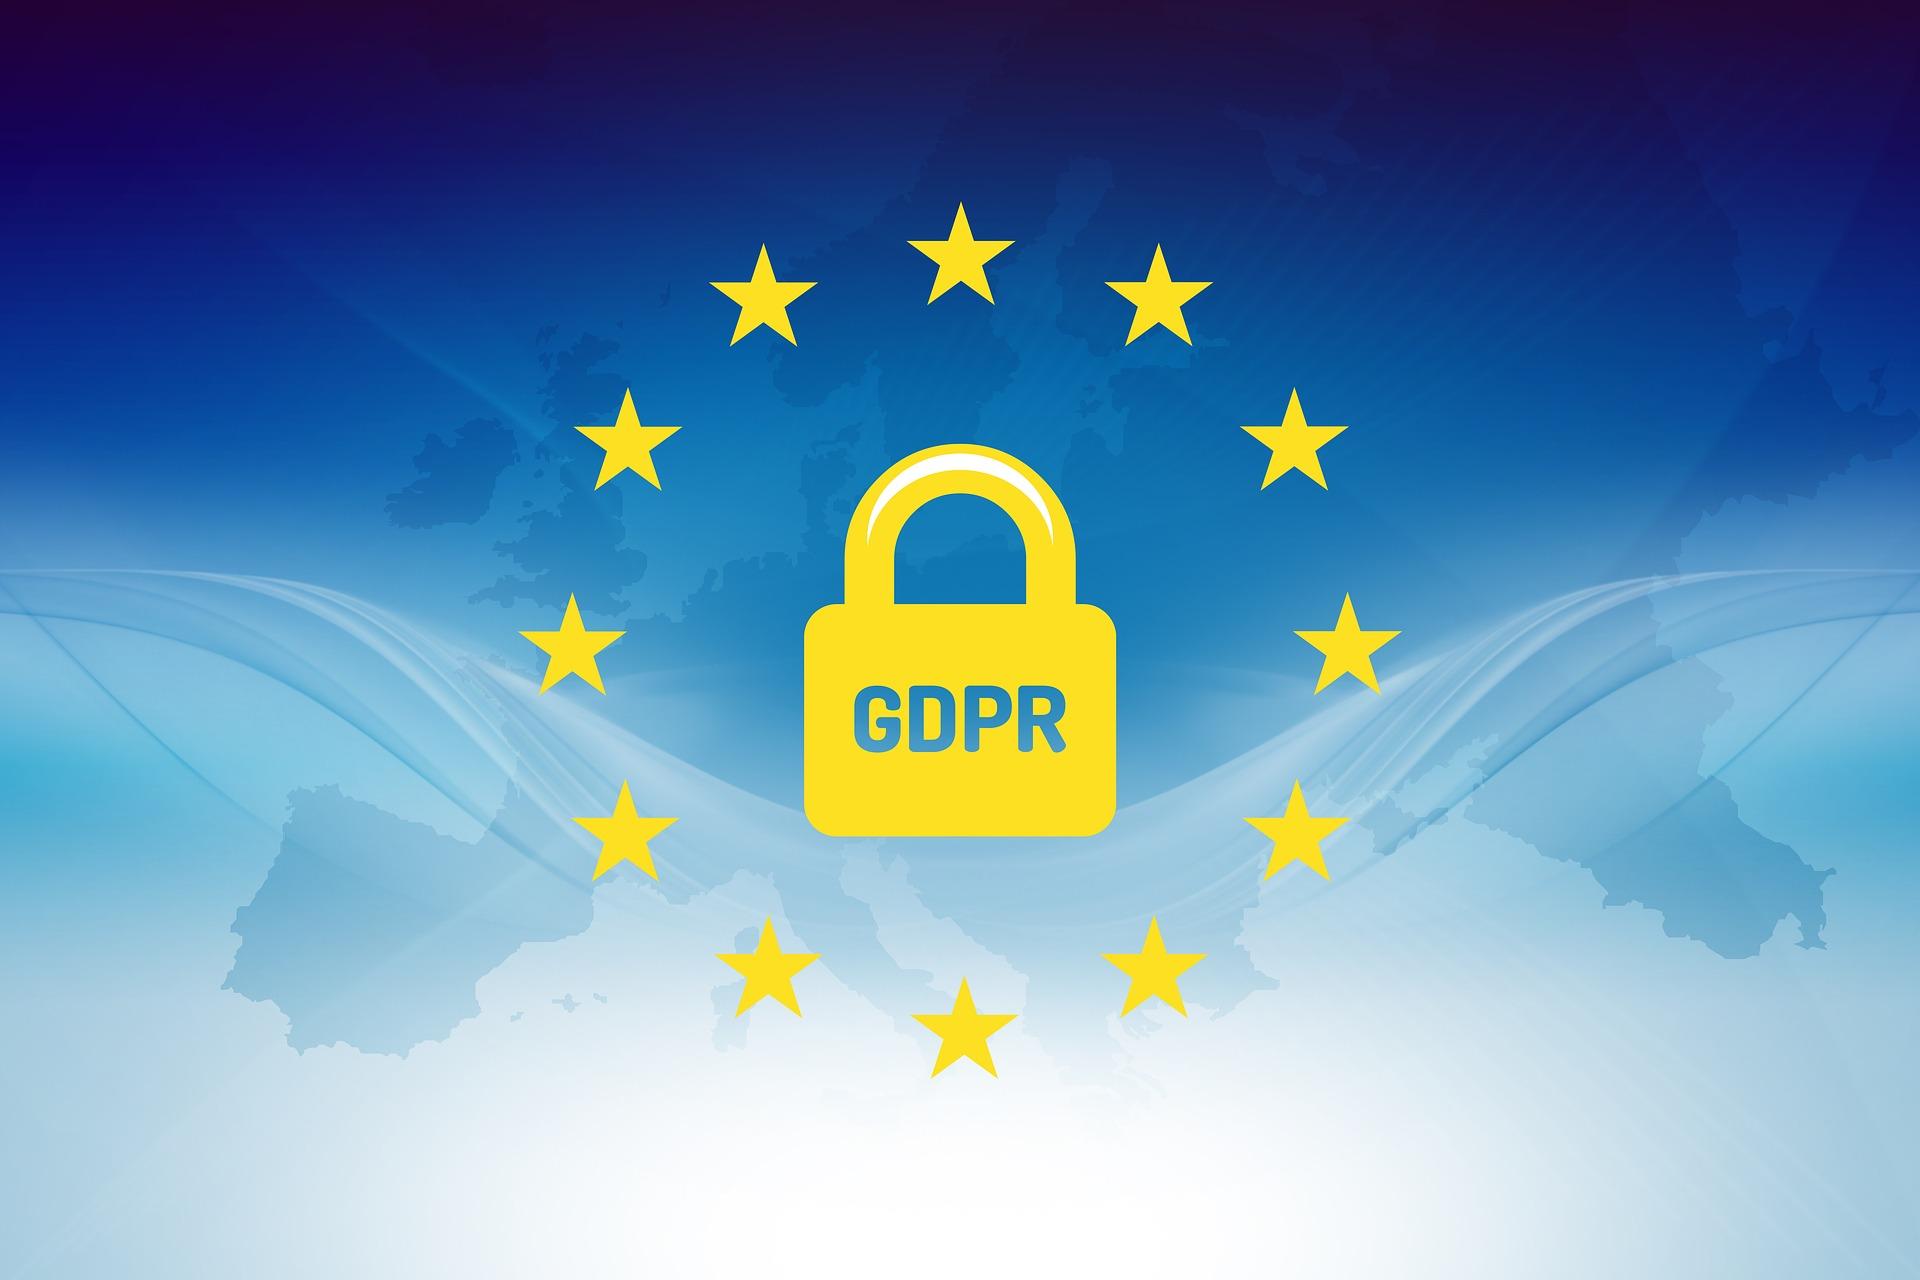 RGPD : Tout Ce Qu'il Faut Savoir Sur La Nouvelle Loi Européenne